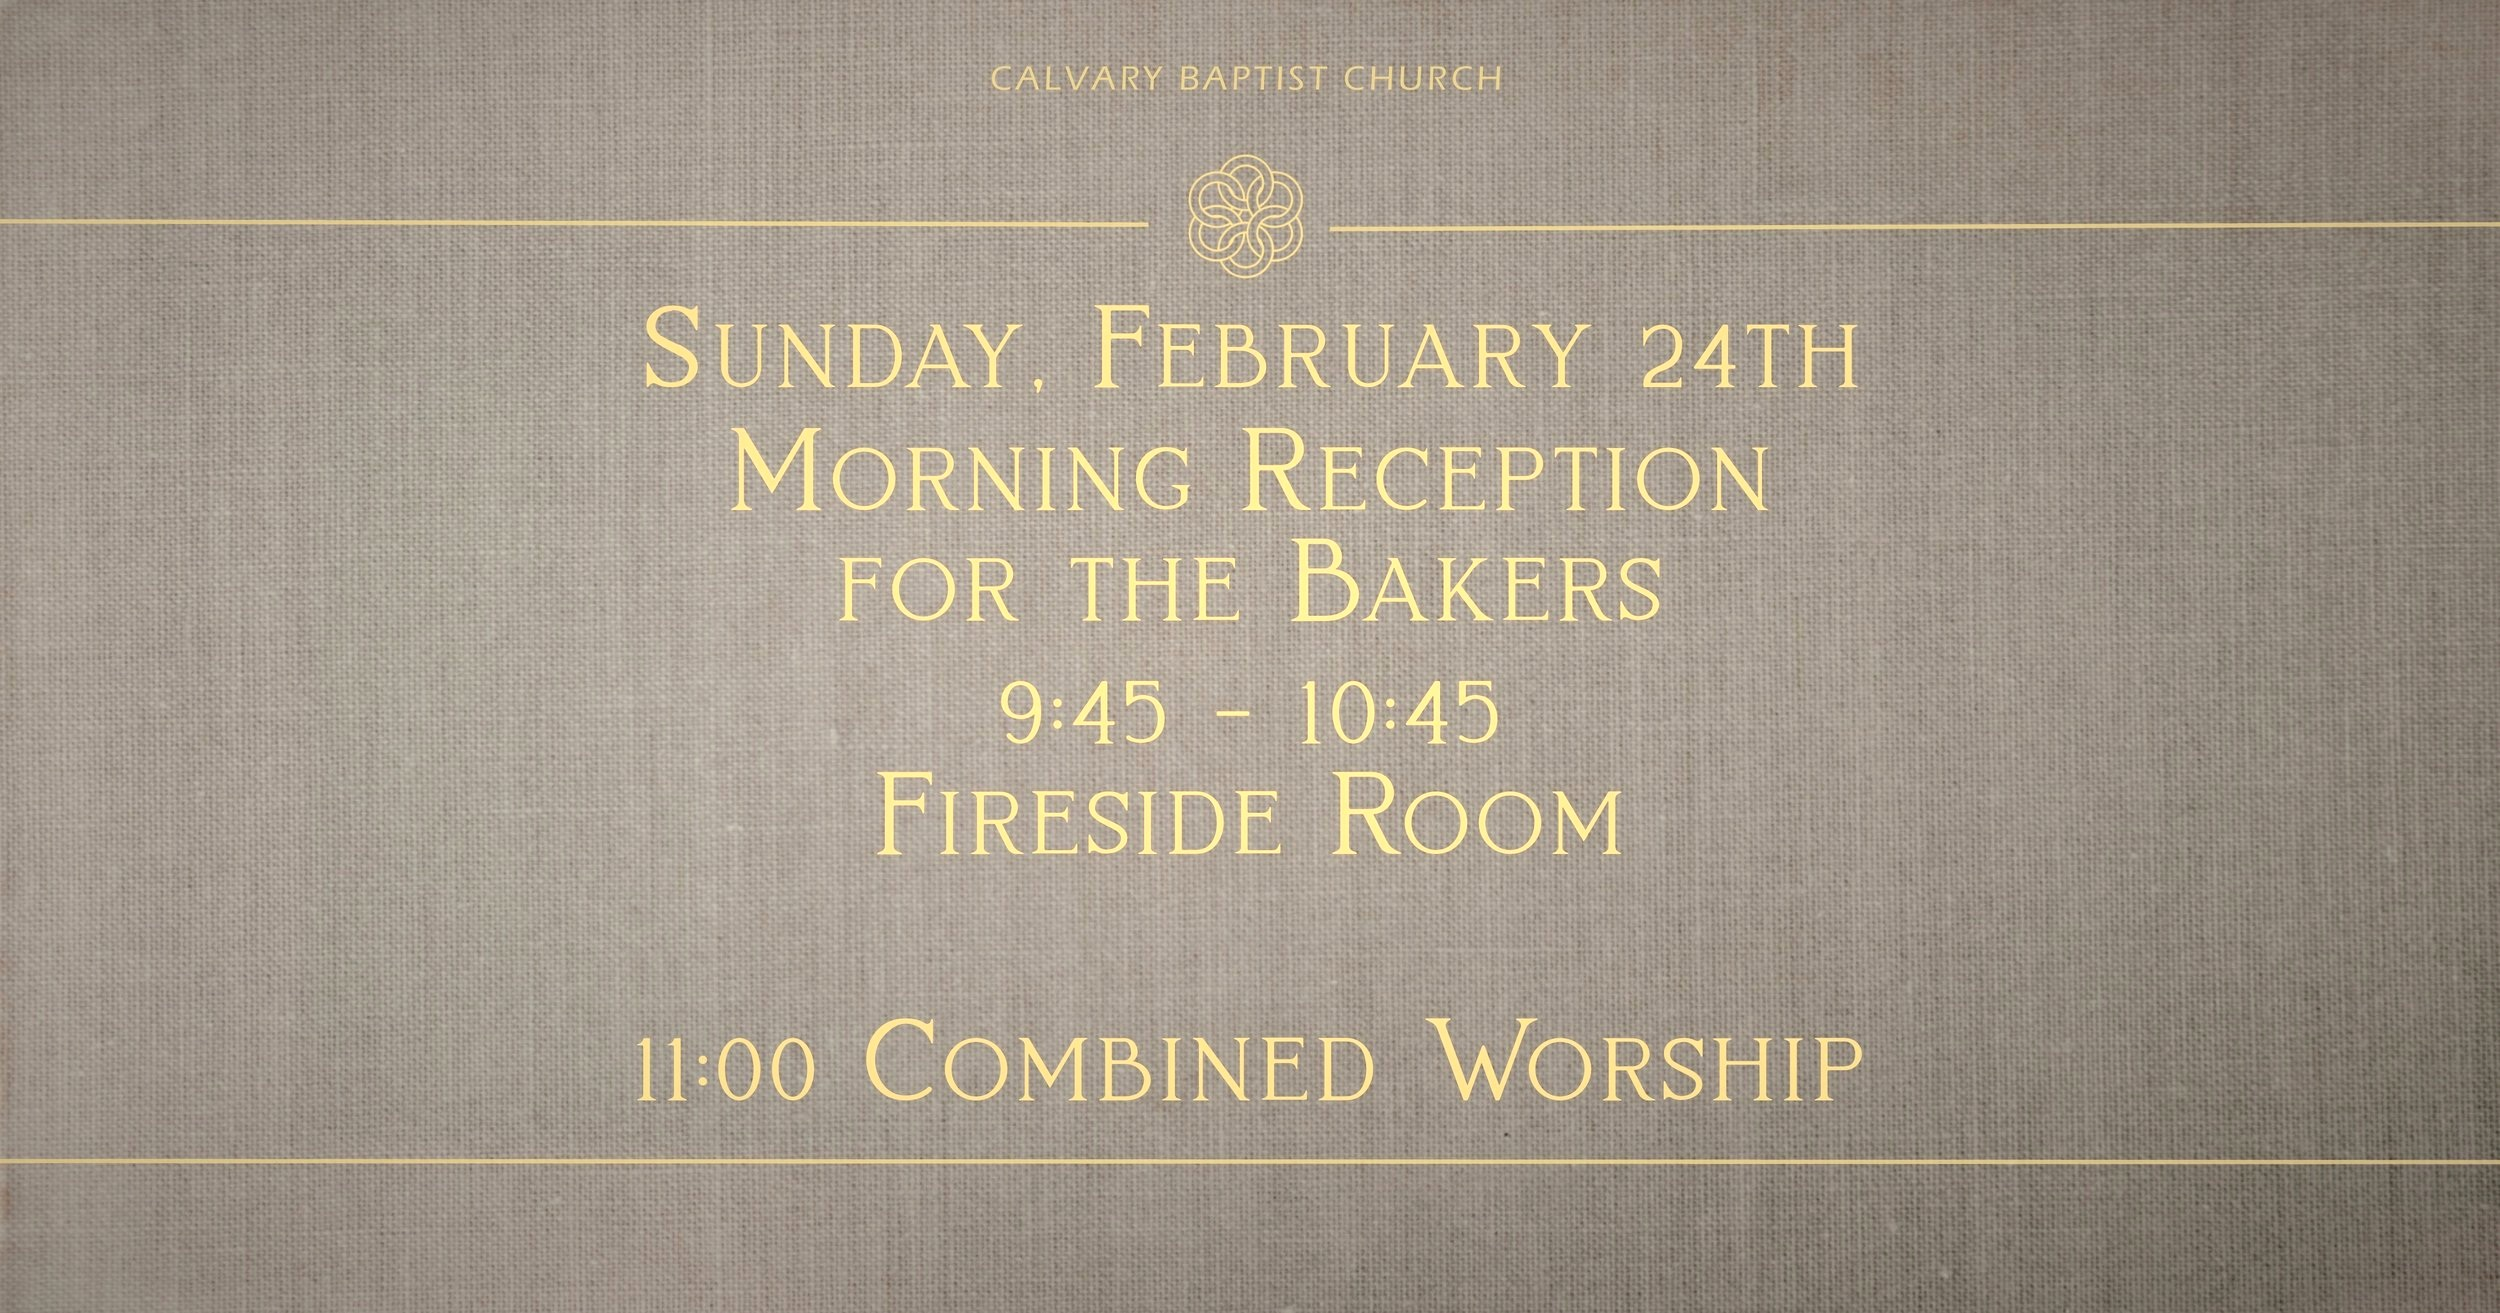 BAKERS+morning+reception+FACEBOOK.jpg